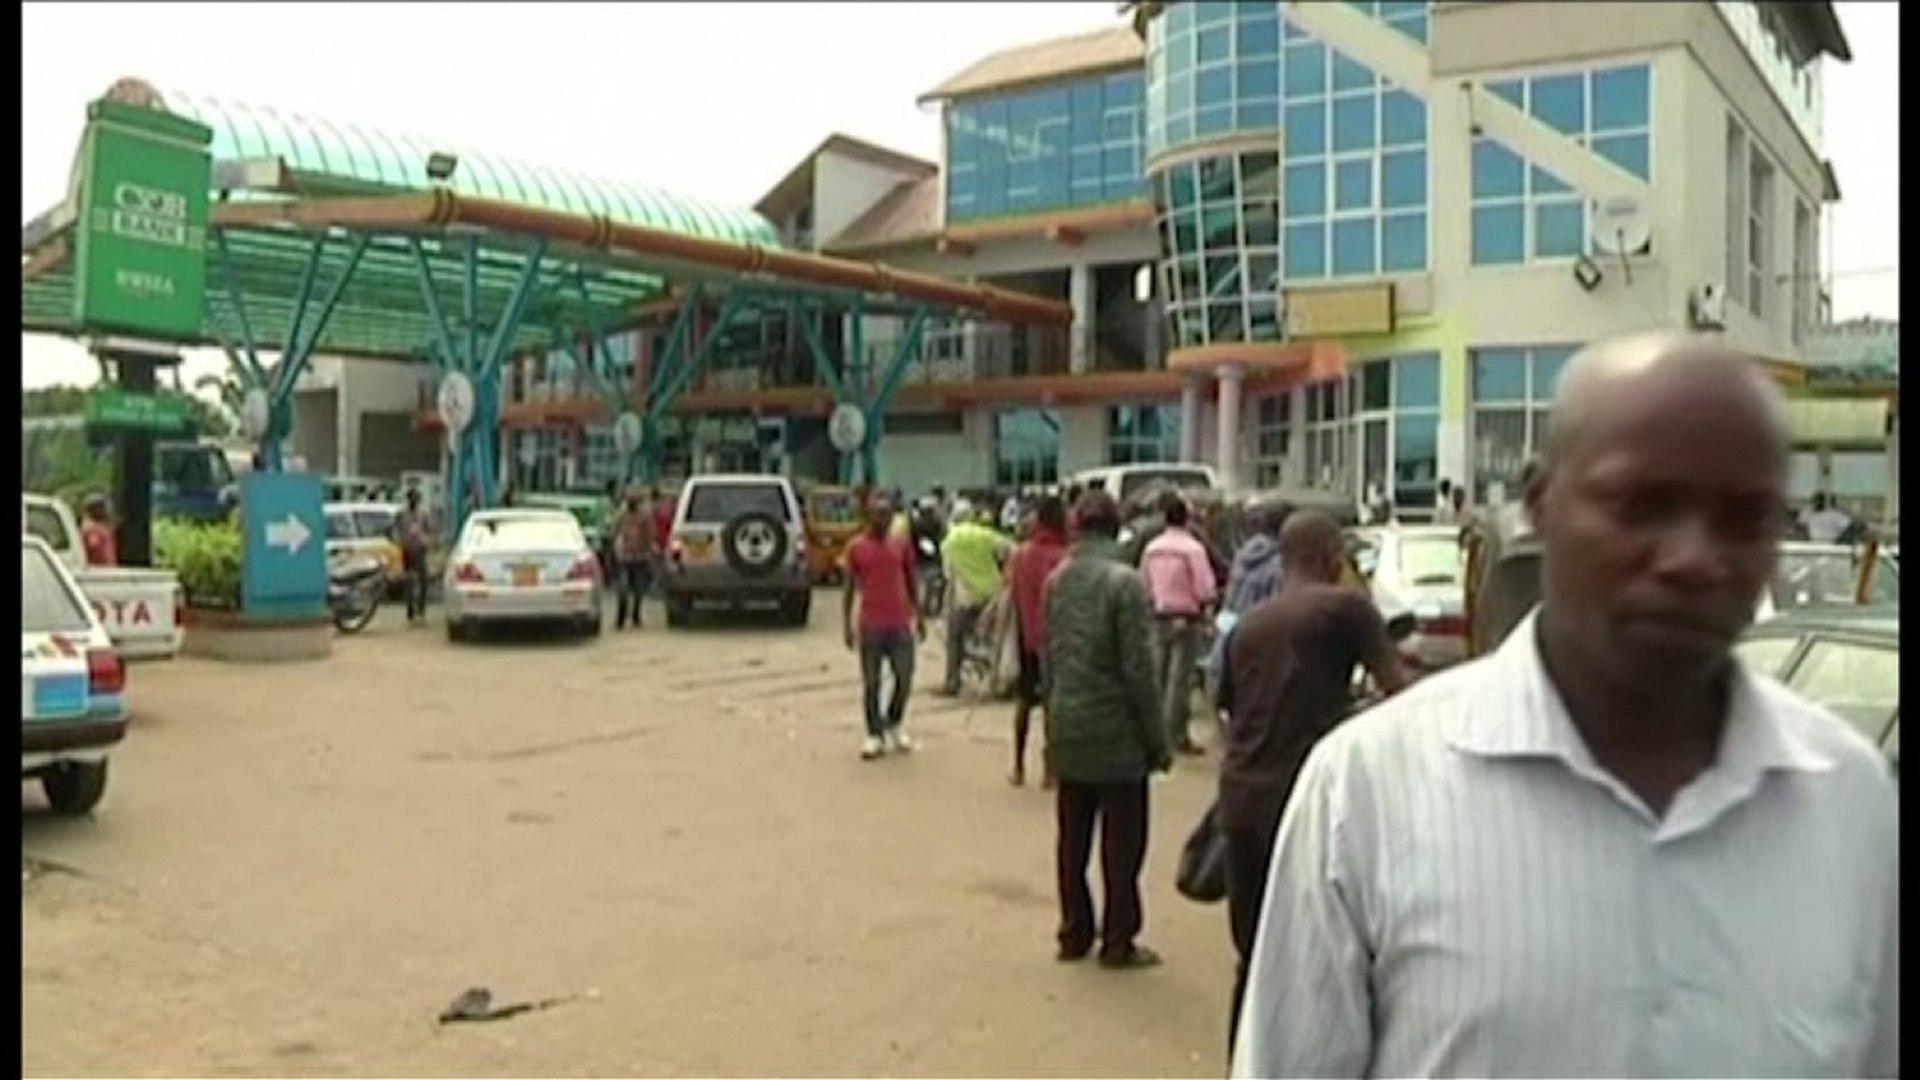 Burundi, Stratégies pour sortir de l'impasse économique